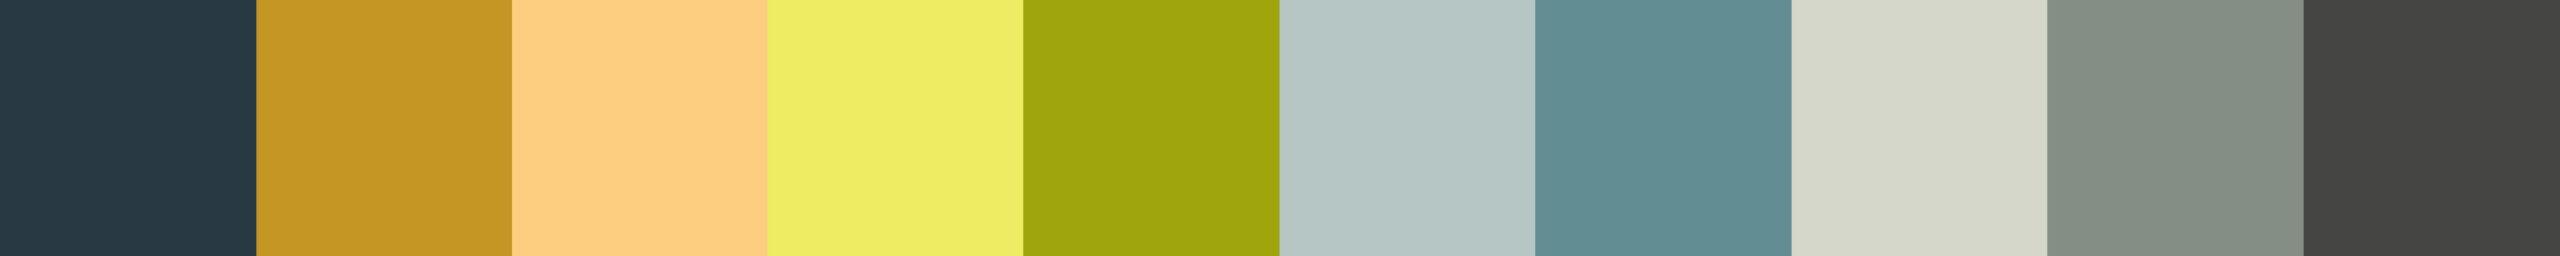 283 Hiquona Color Palette